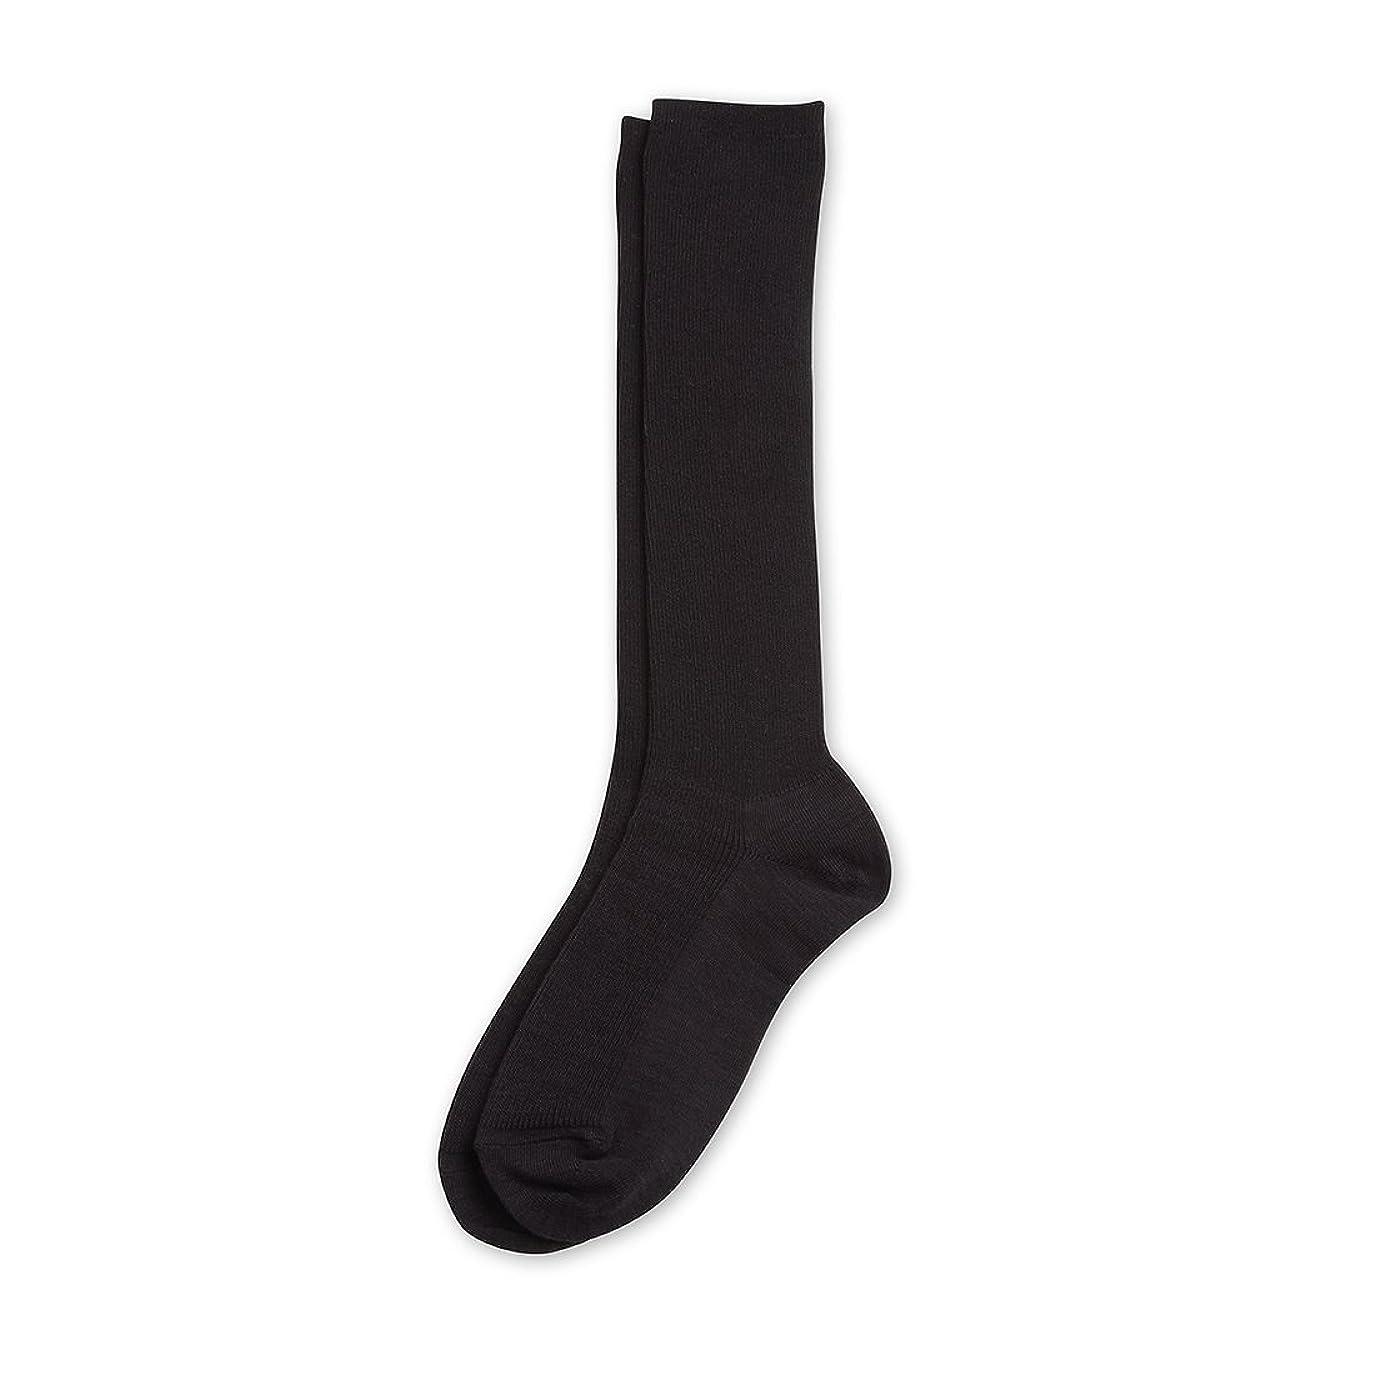 ダーベビルのテス親指スズメバチDeol(デオル) ハイソックス 女性用 日本製 靴下 黒 23cm-25cm